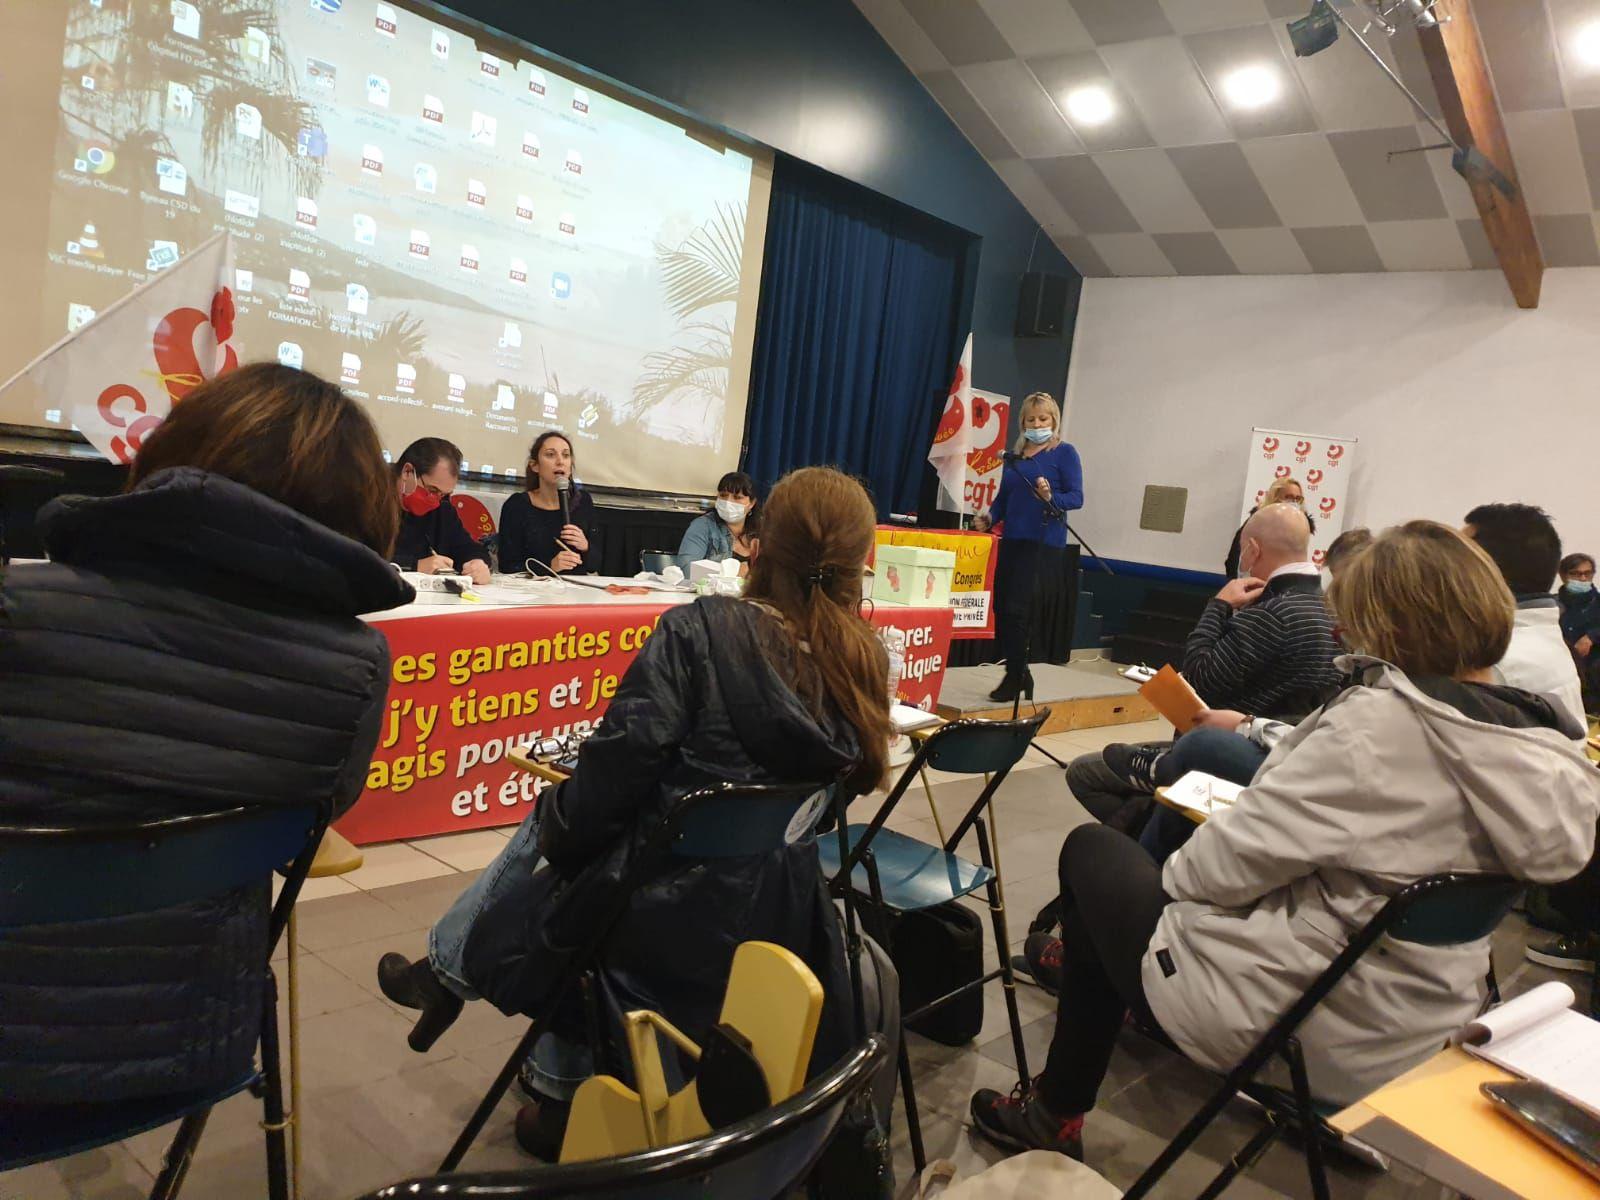 6 ème Congrès de l'Union Fédérale de la Santé Privée, la CGT Korian en force!